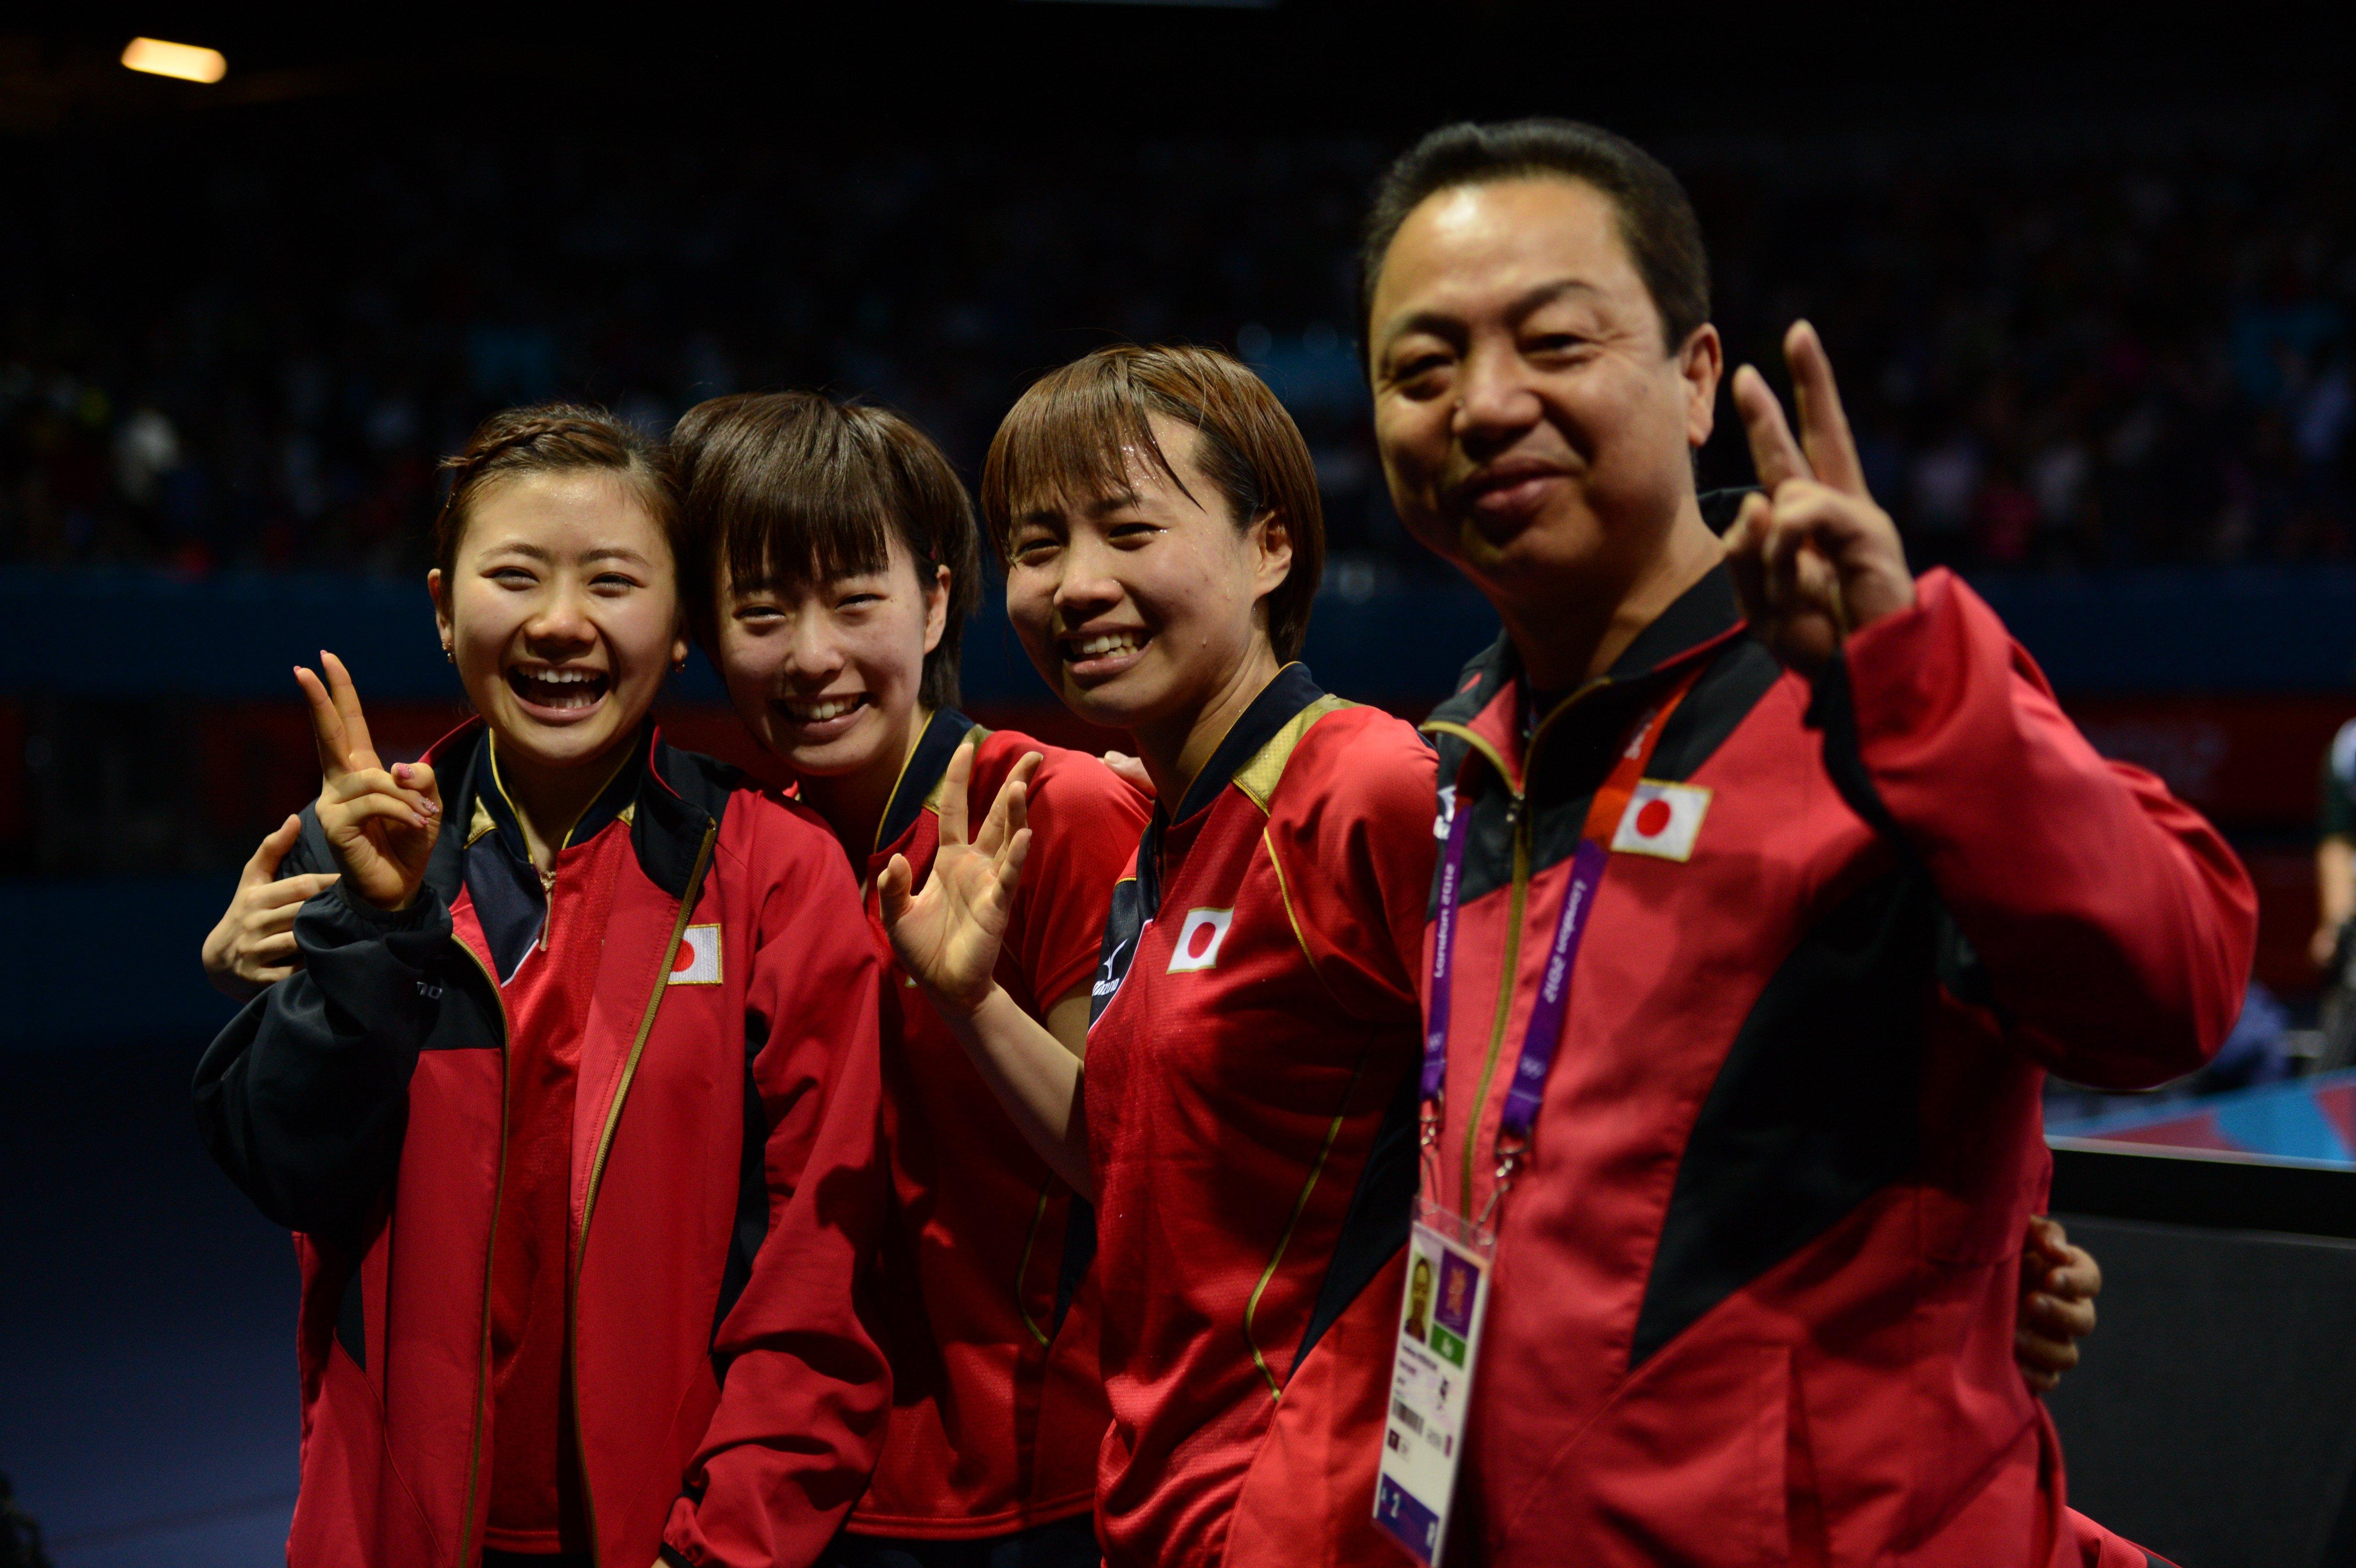 日本卓球界史上初となったメダルは、ロンドン五輪で卓球女子団体(左から福原愛、石川佳純、平野早矢香、村上恭和コーチ)が獲得した銀メダル ©JMPA